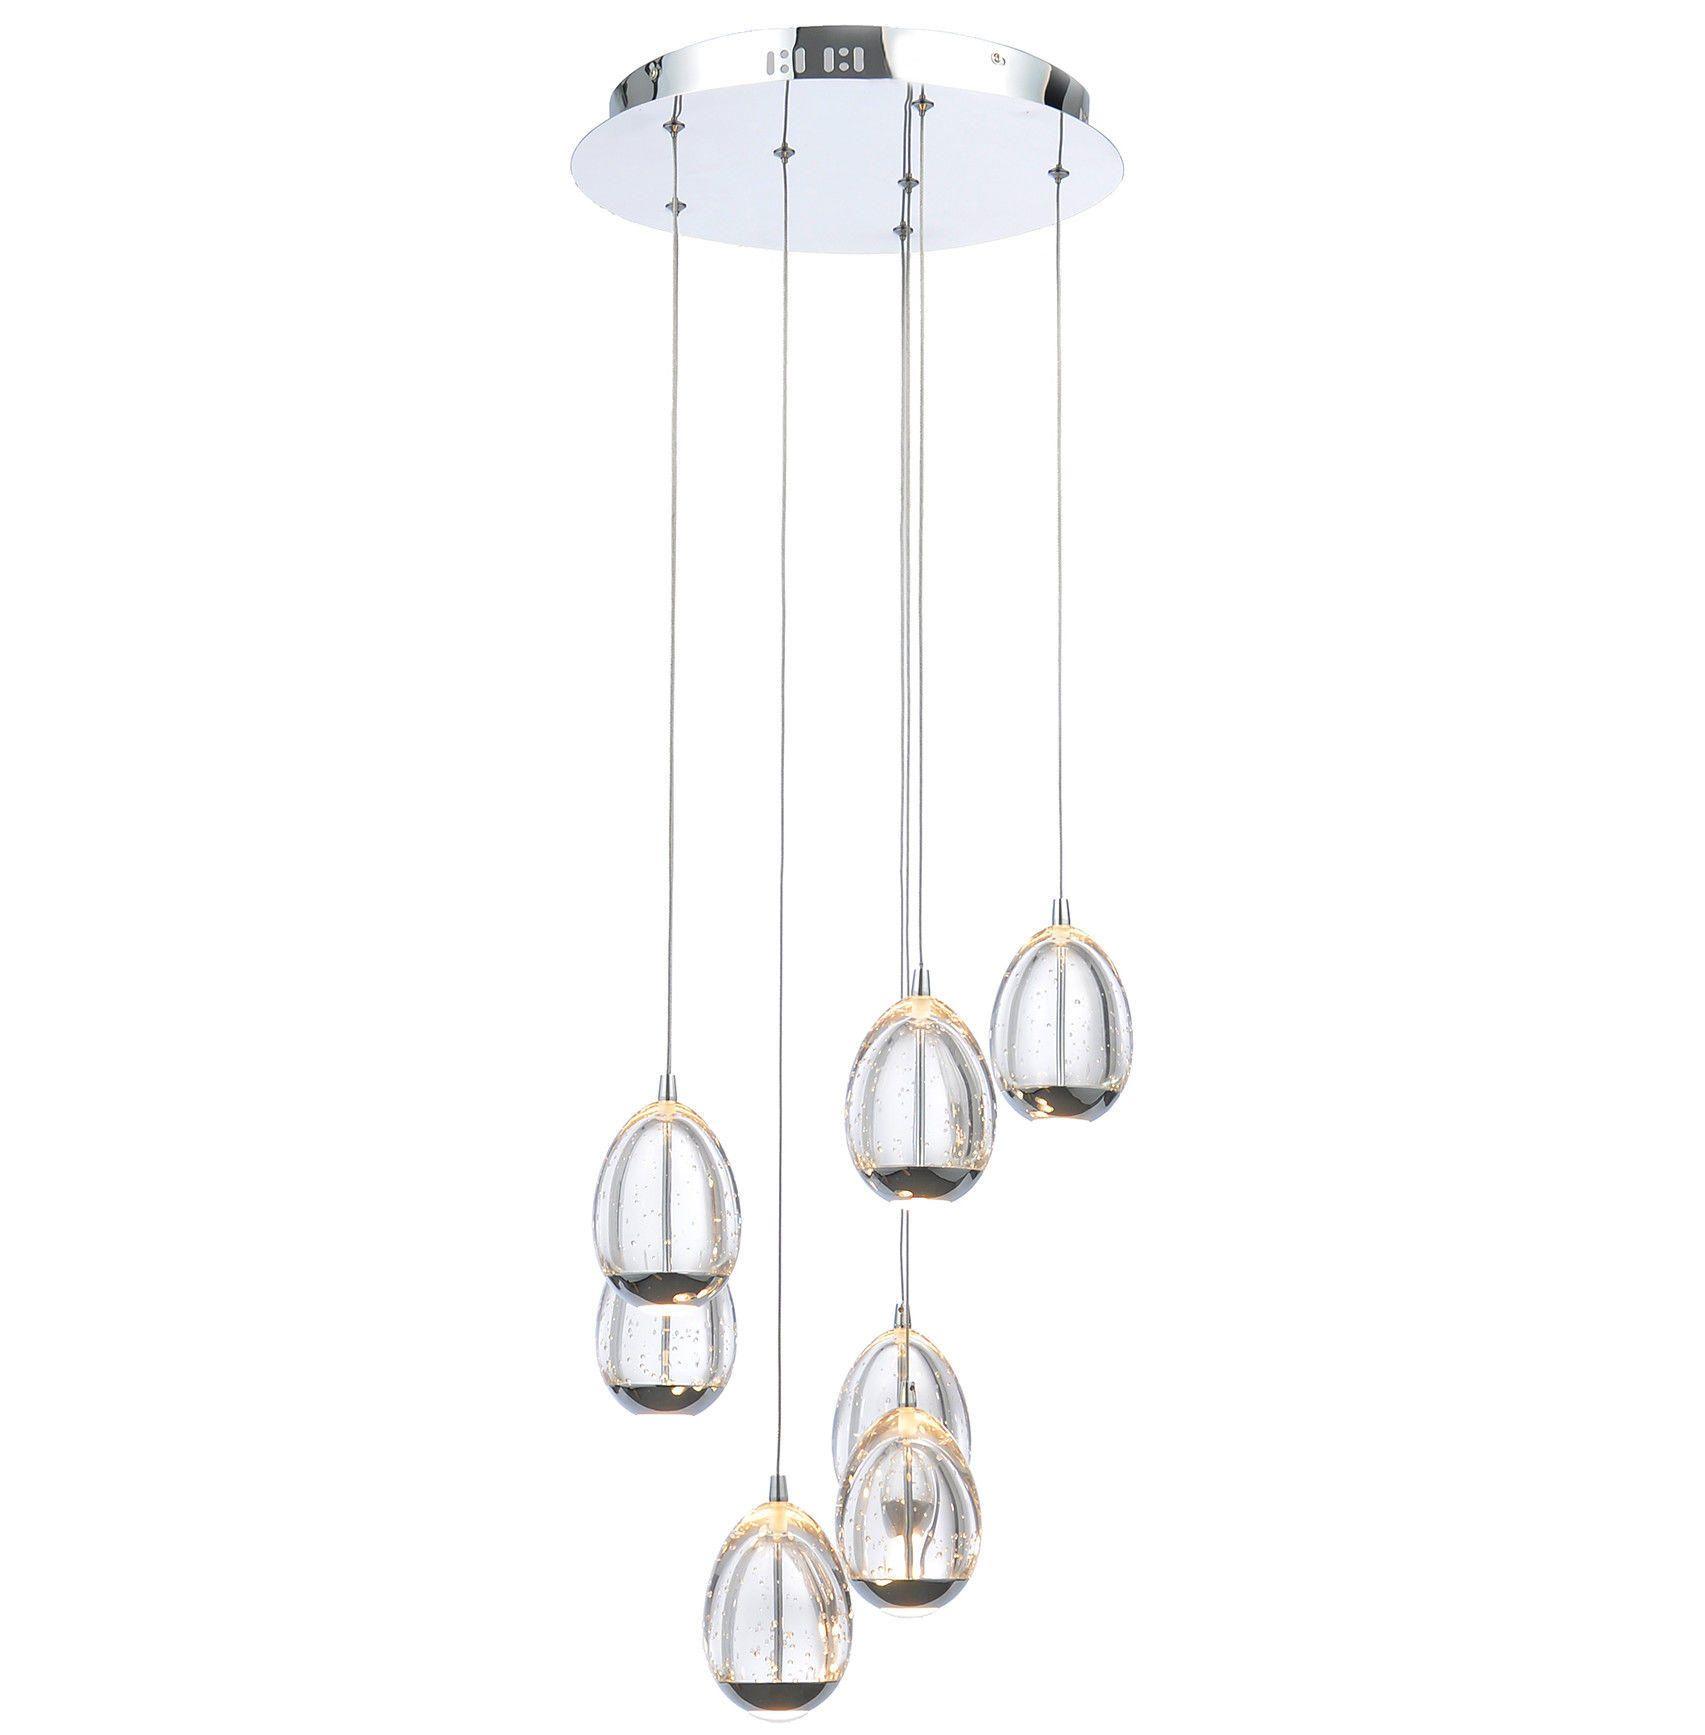 C01-LC2155-egg-7-light-cluster-ceiling-light-chrome